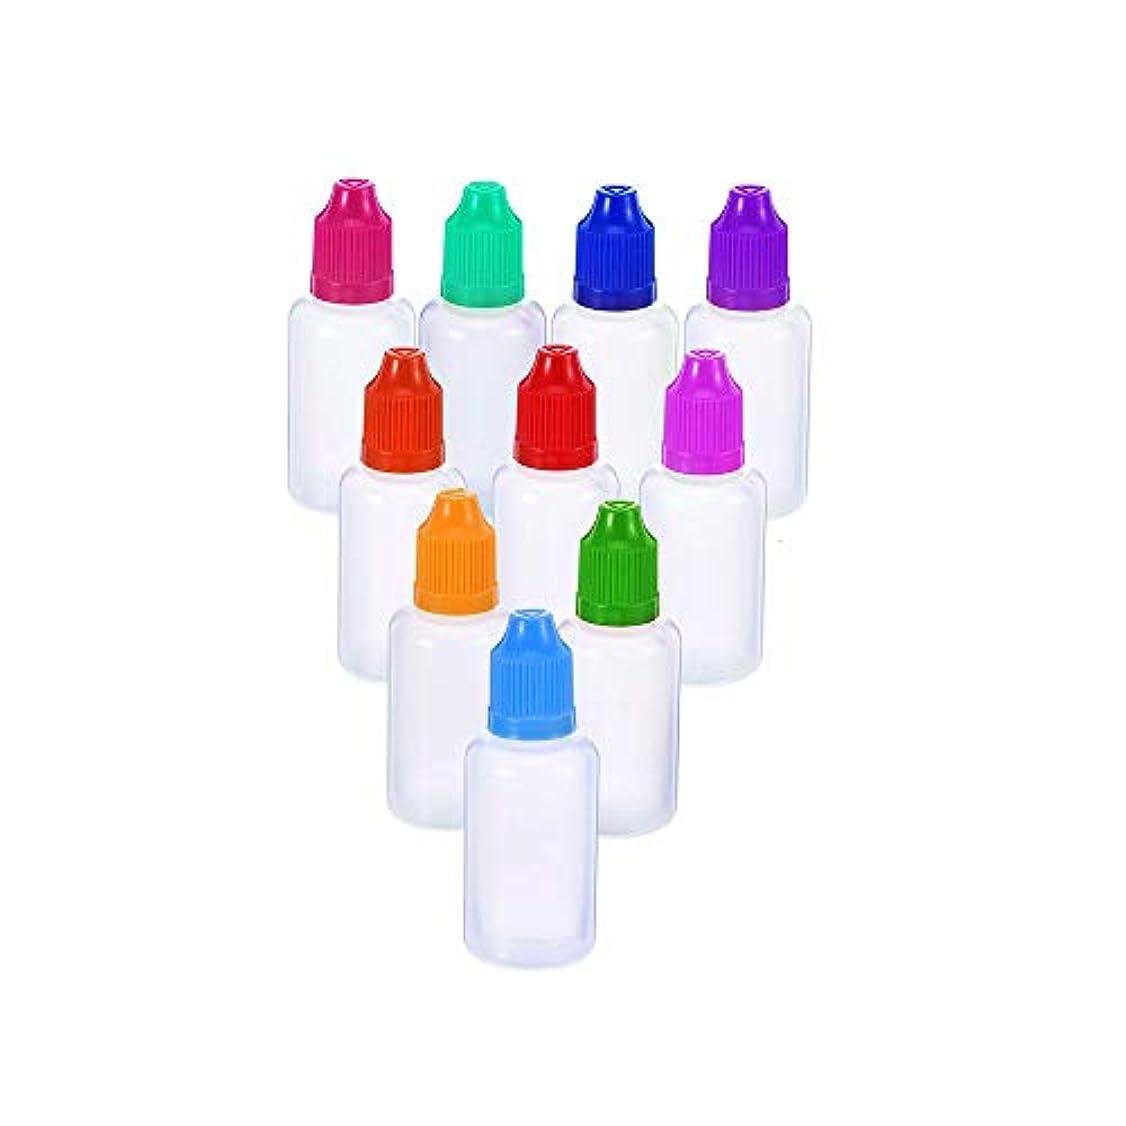 領収書不条理木製PEグルーボトル ドロッパーボトル 点眼 液体 貯蔵用 滴瓶 プラスチック製 10個 (10ml) 半透明 /5色 (色はランダム)